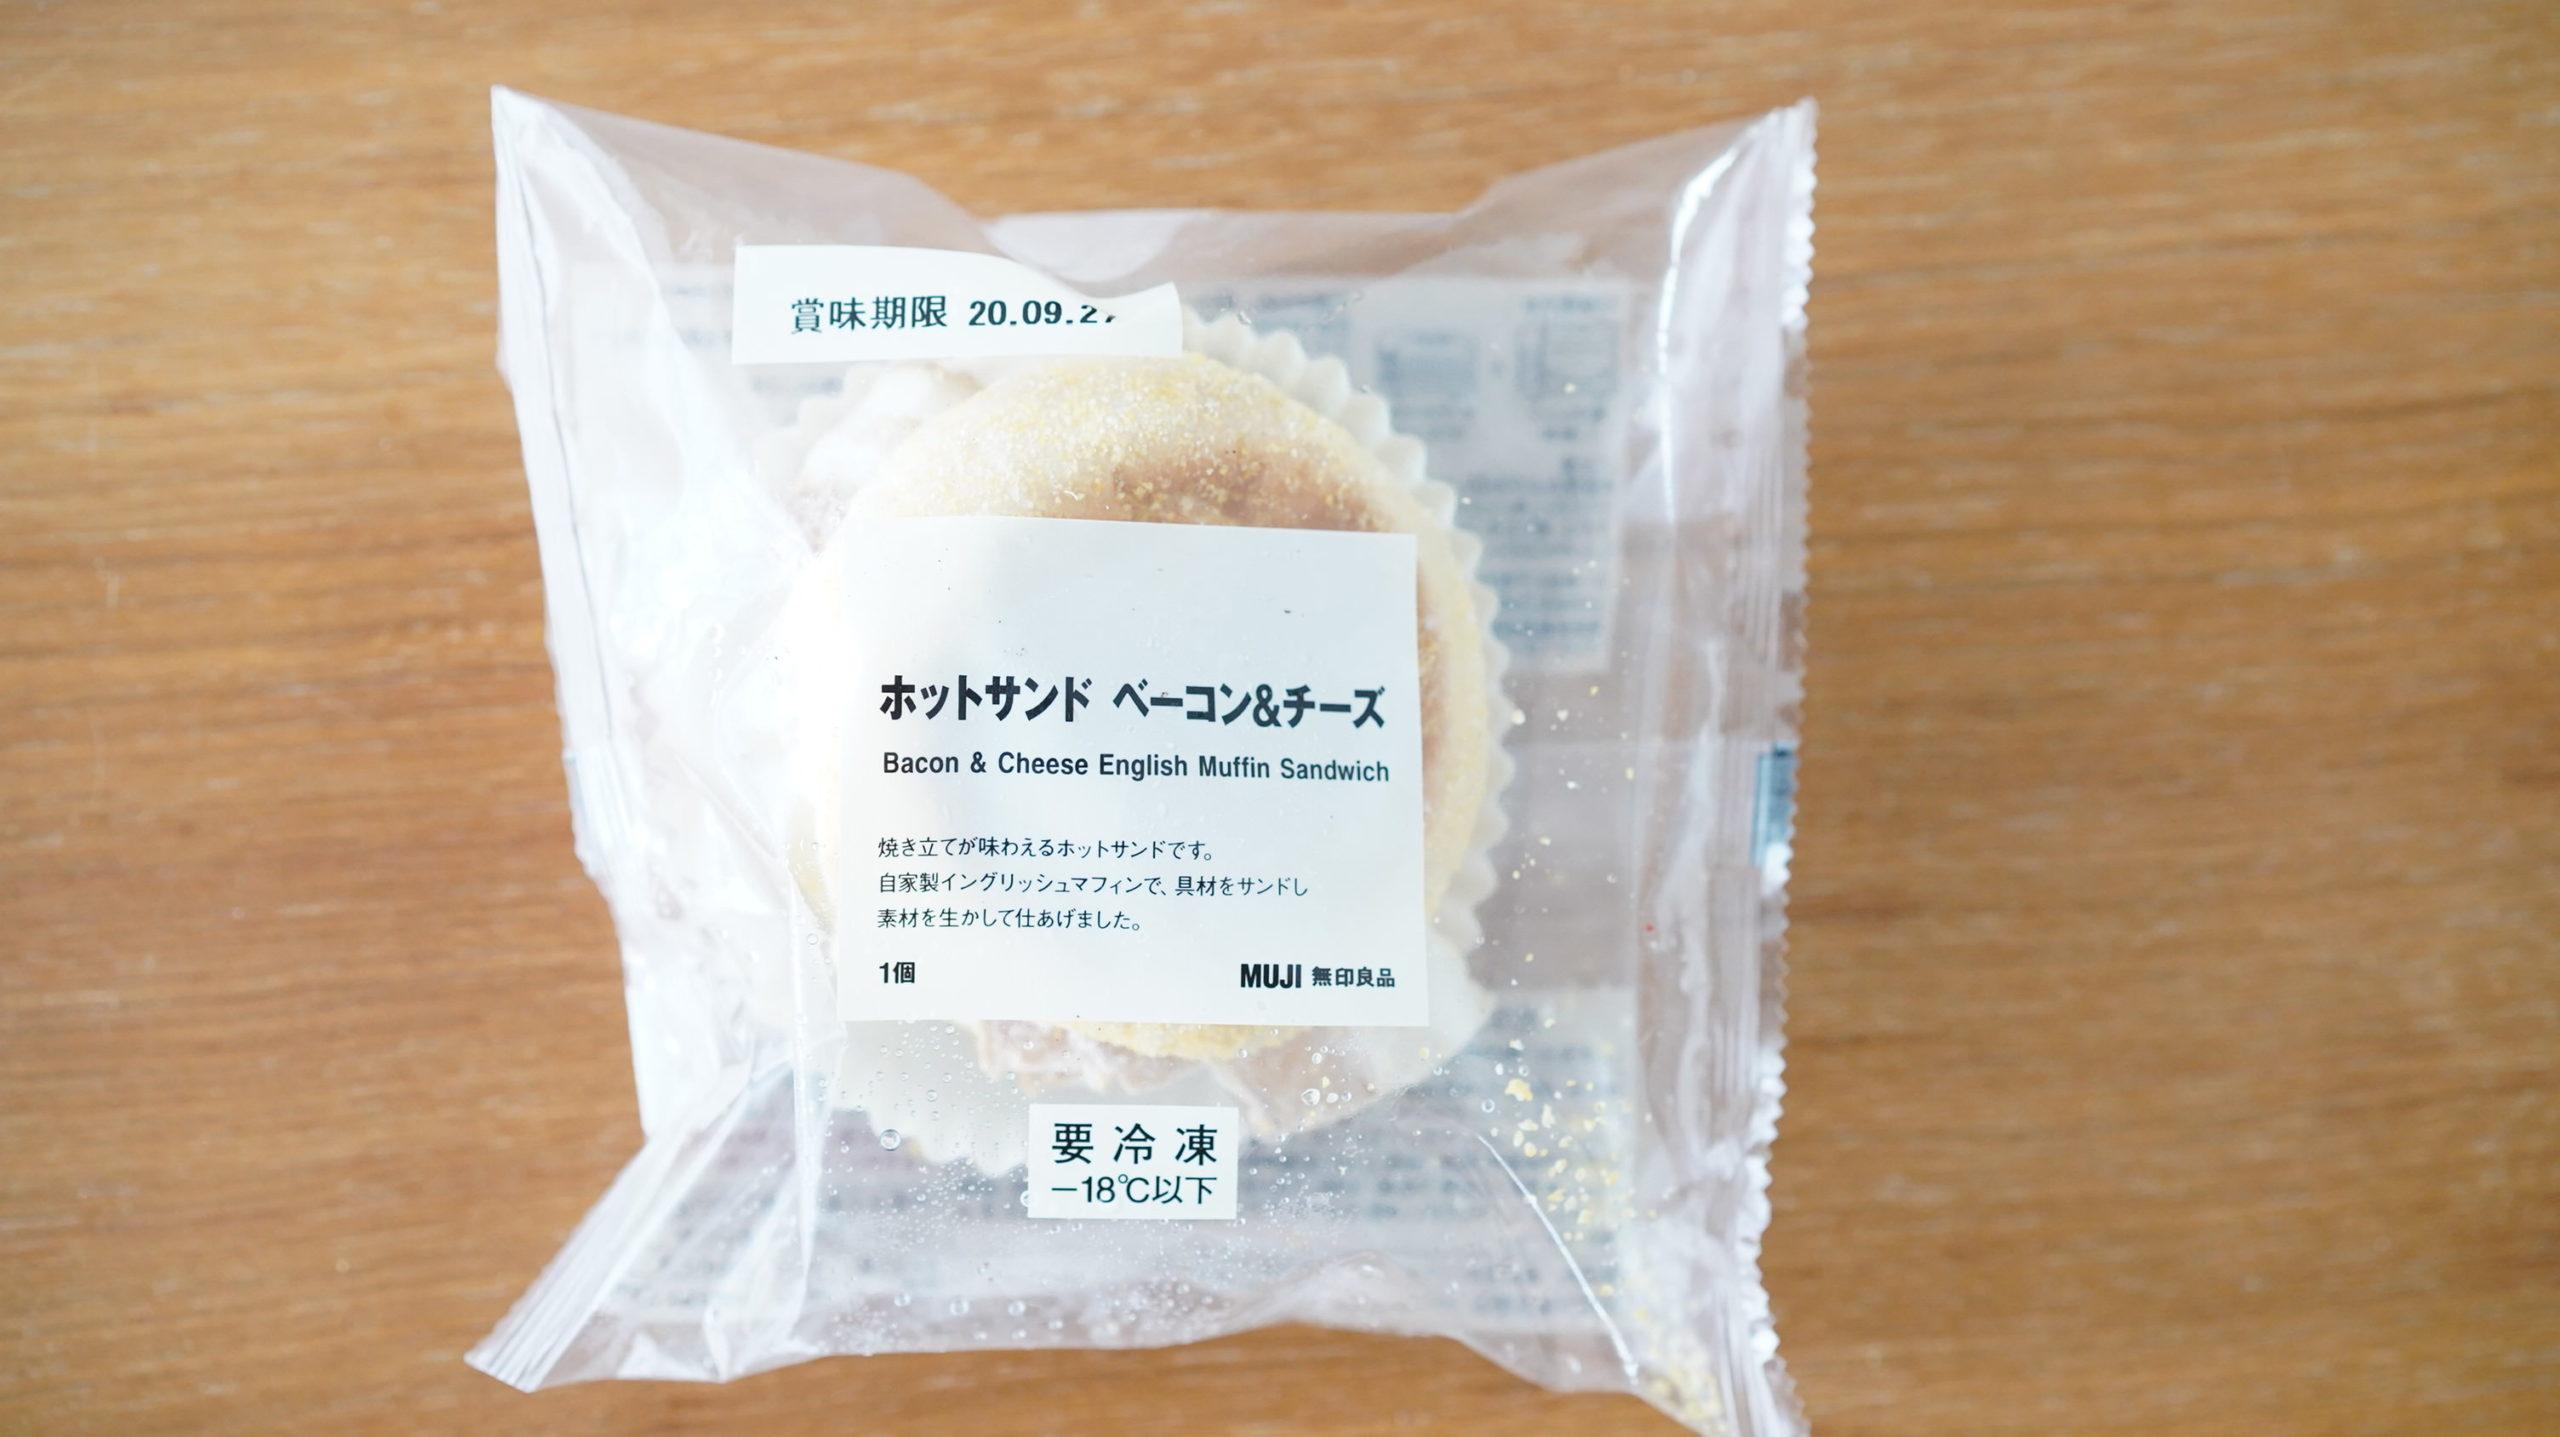 無印良品のおすすめ冷凍食品「ホットサンド・ベーコン&チーズ」のパッケージの写真